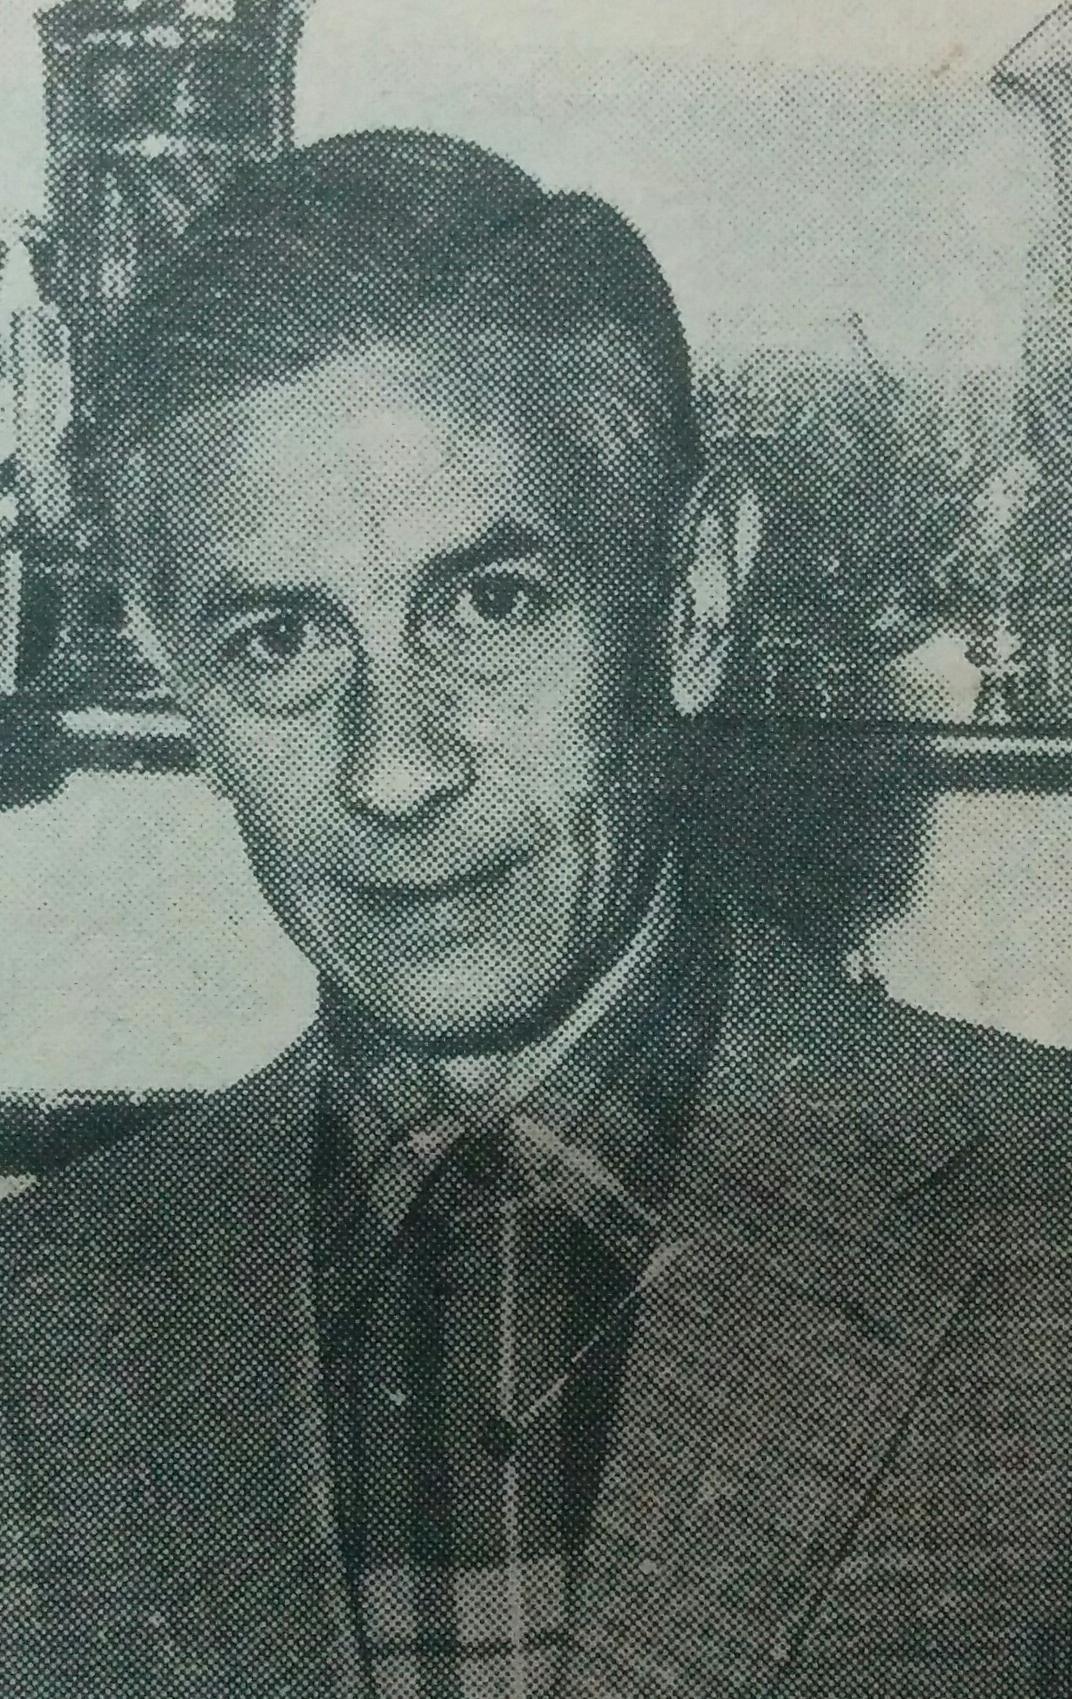 Francisco Alberto Castagnino (1924-2007), ex director del Museo Histórico Municipal, y creador y organizador del Complejo Histórico Chivilcoy, inaugurado el 5 de noviembre de 1983.